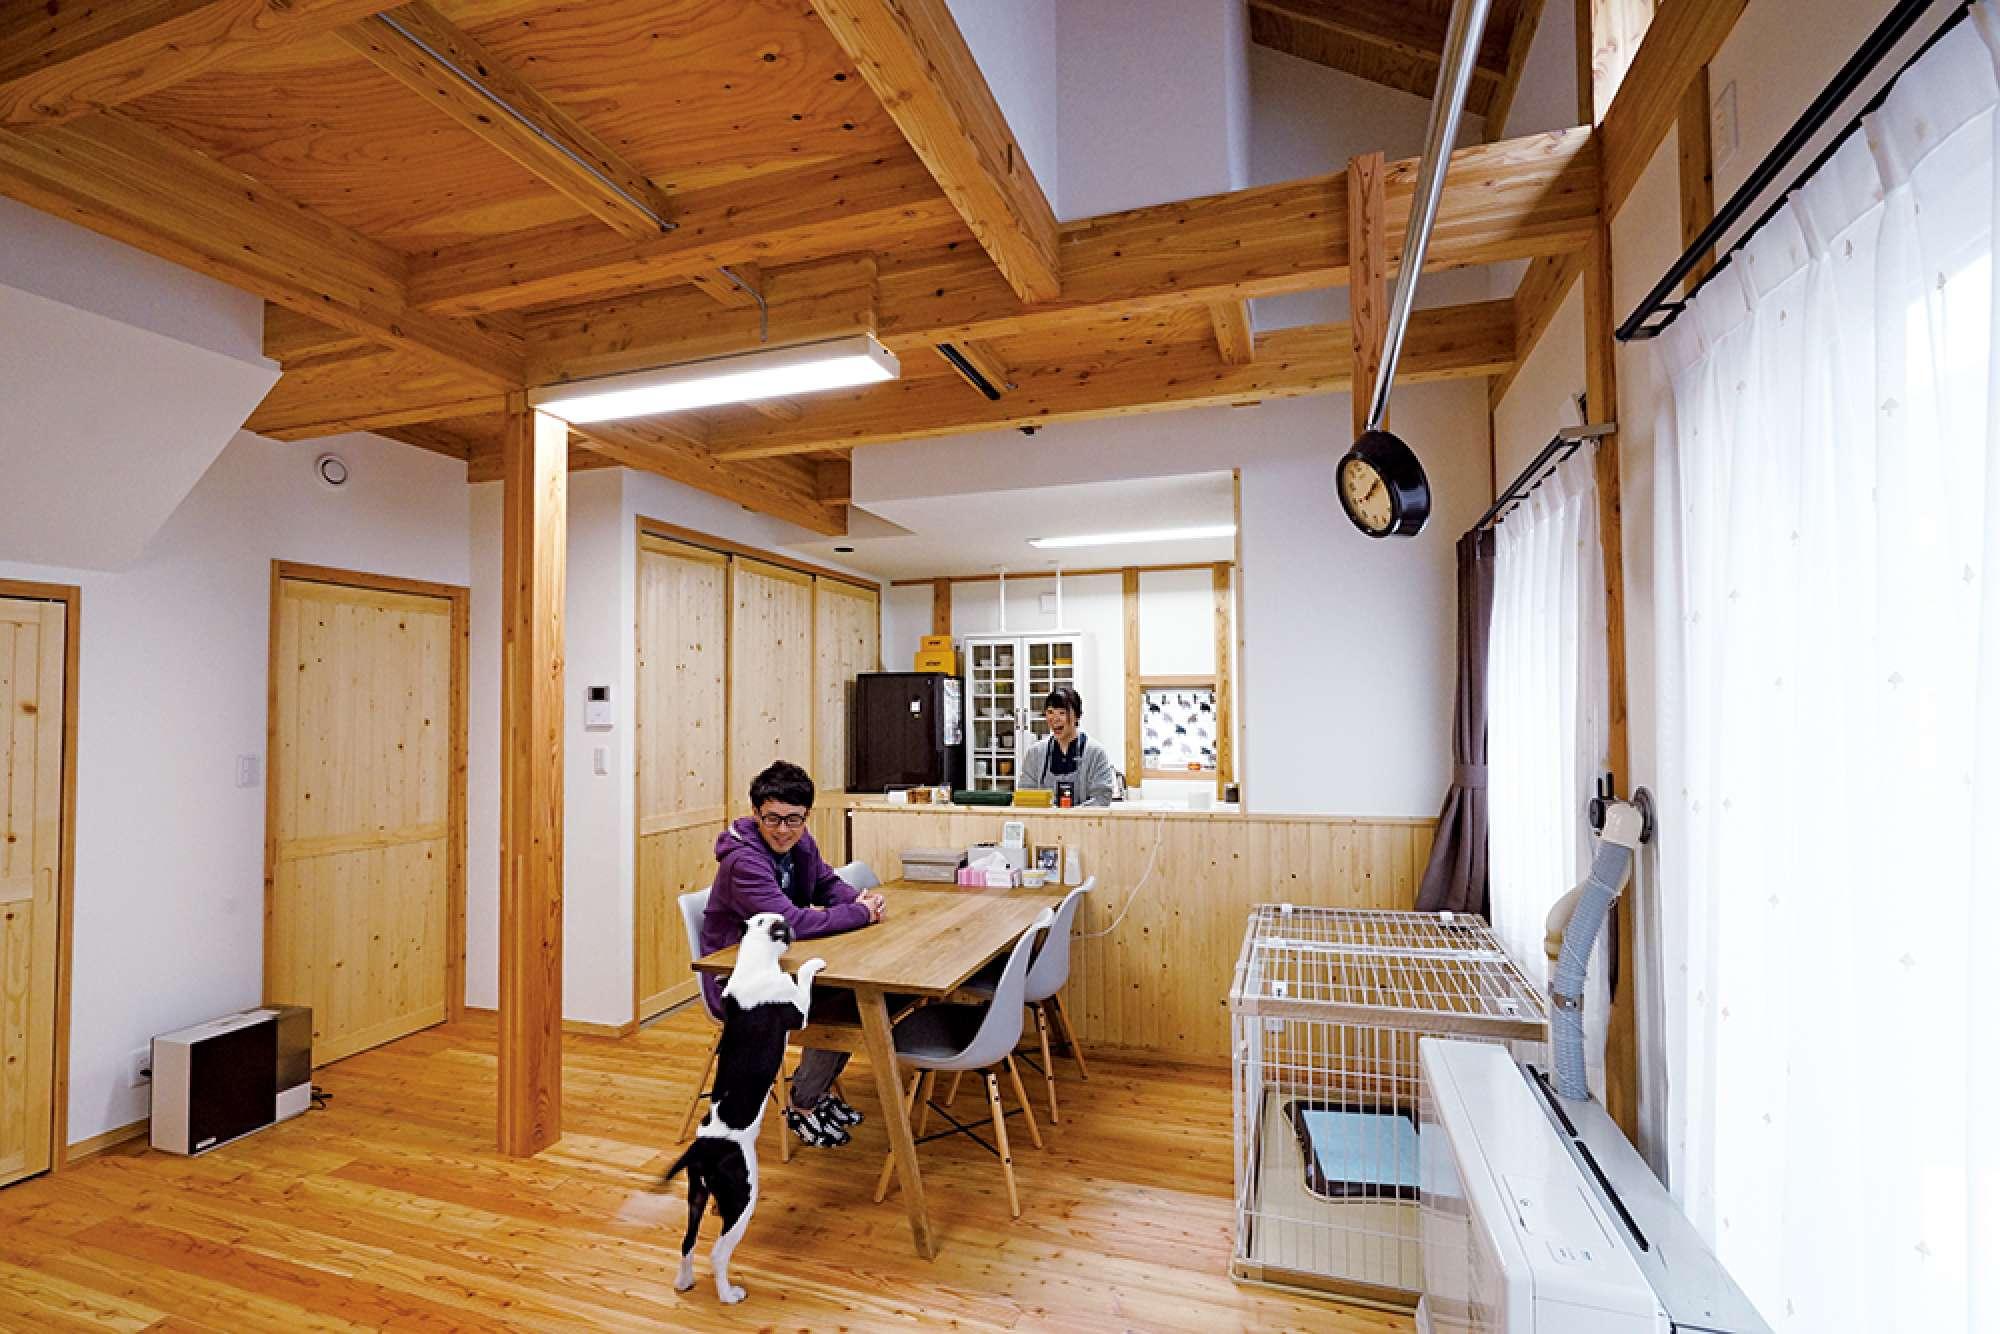 1階はLDKと水回り。木の温もり漂う室内で愛犬も元気いっぱい -  -  -